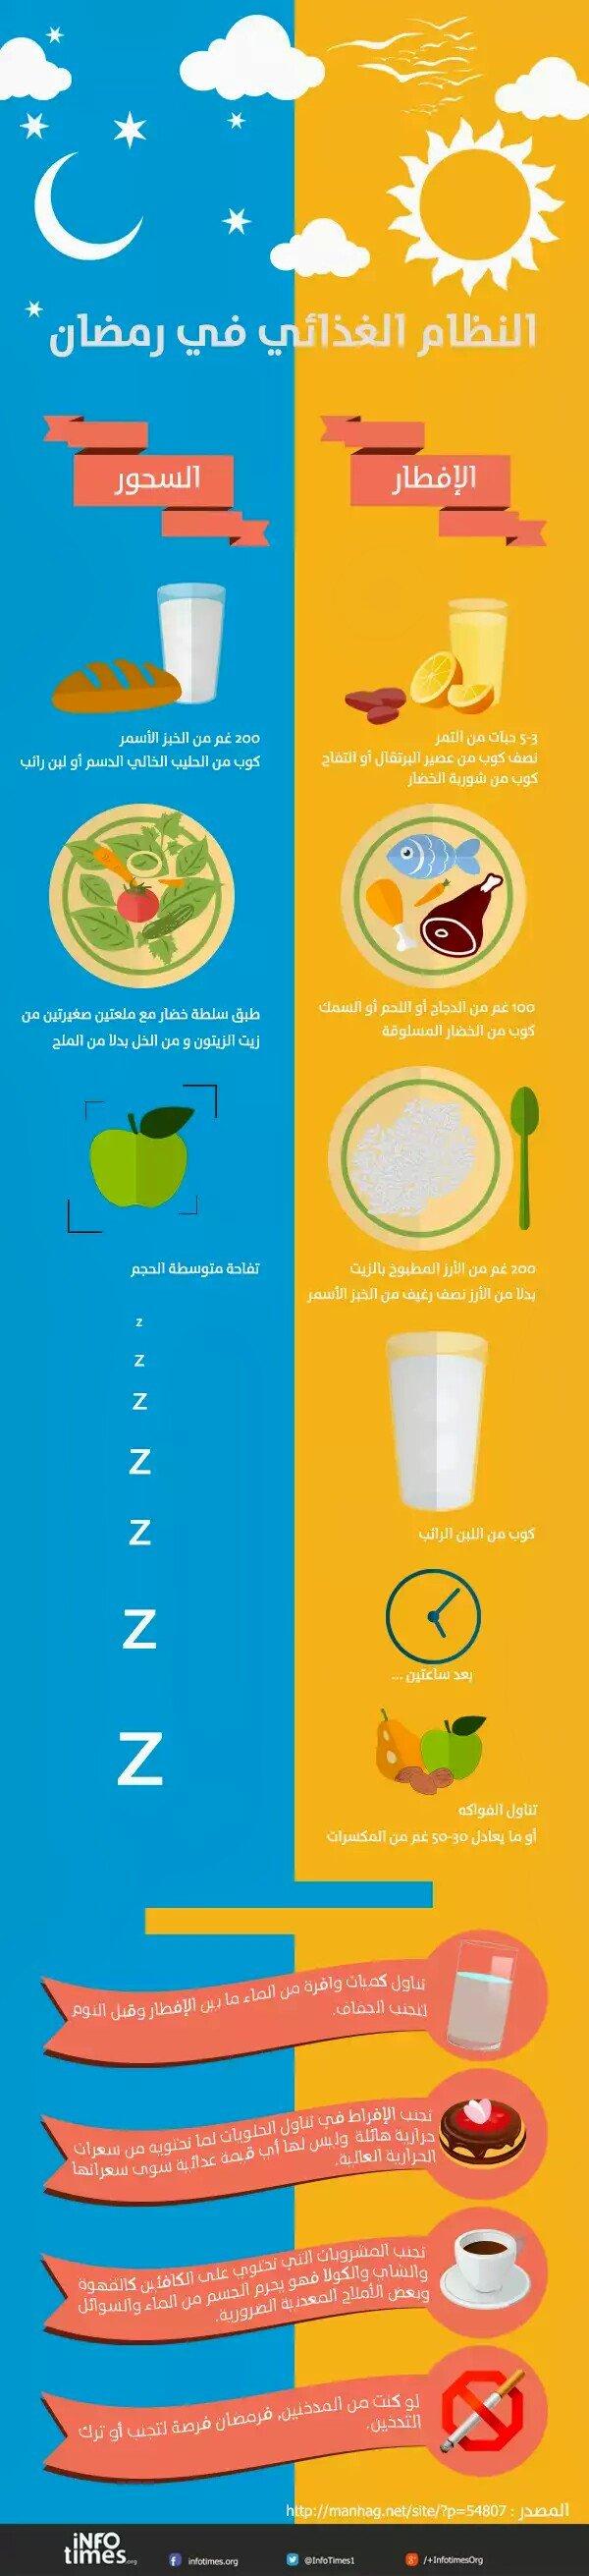 #انفوجرافيك النظام الغذائي في رمضان